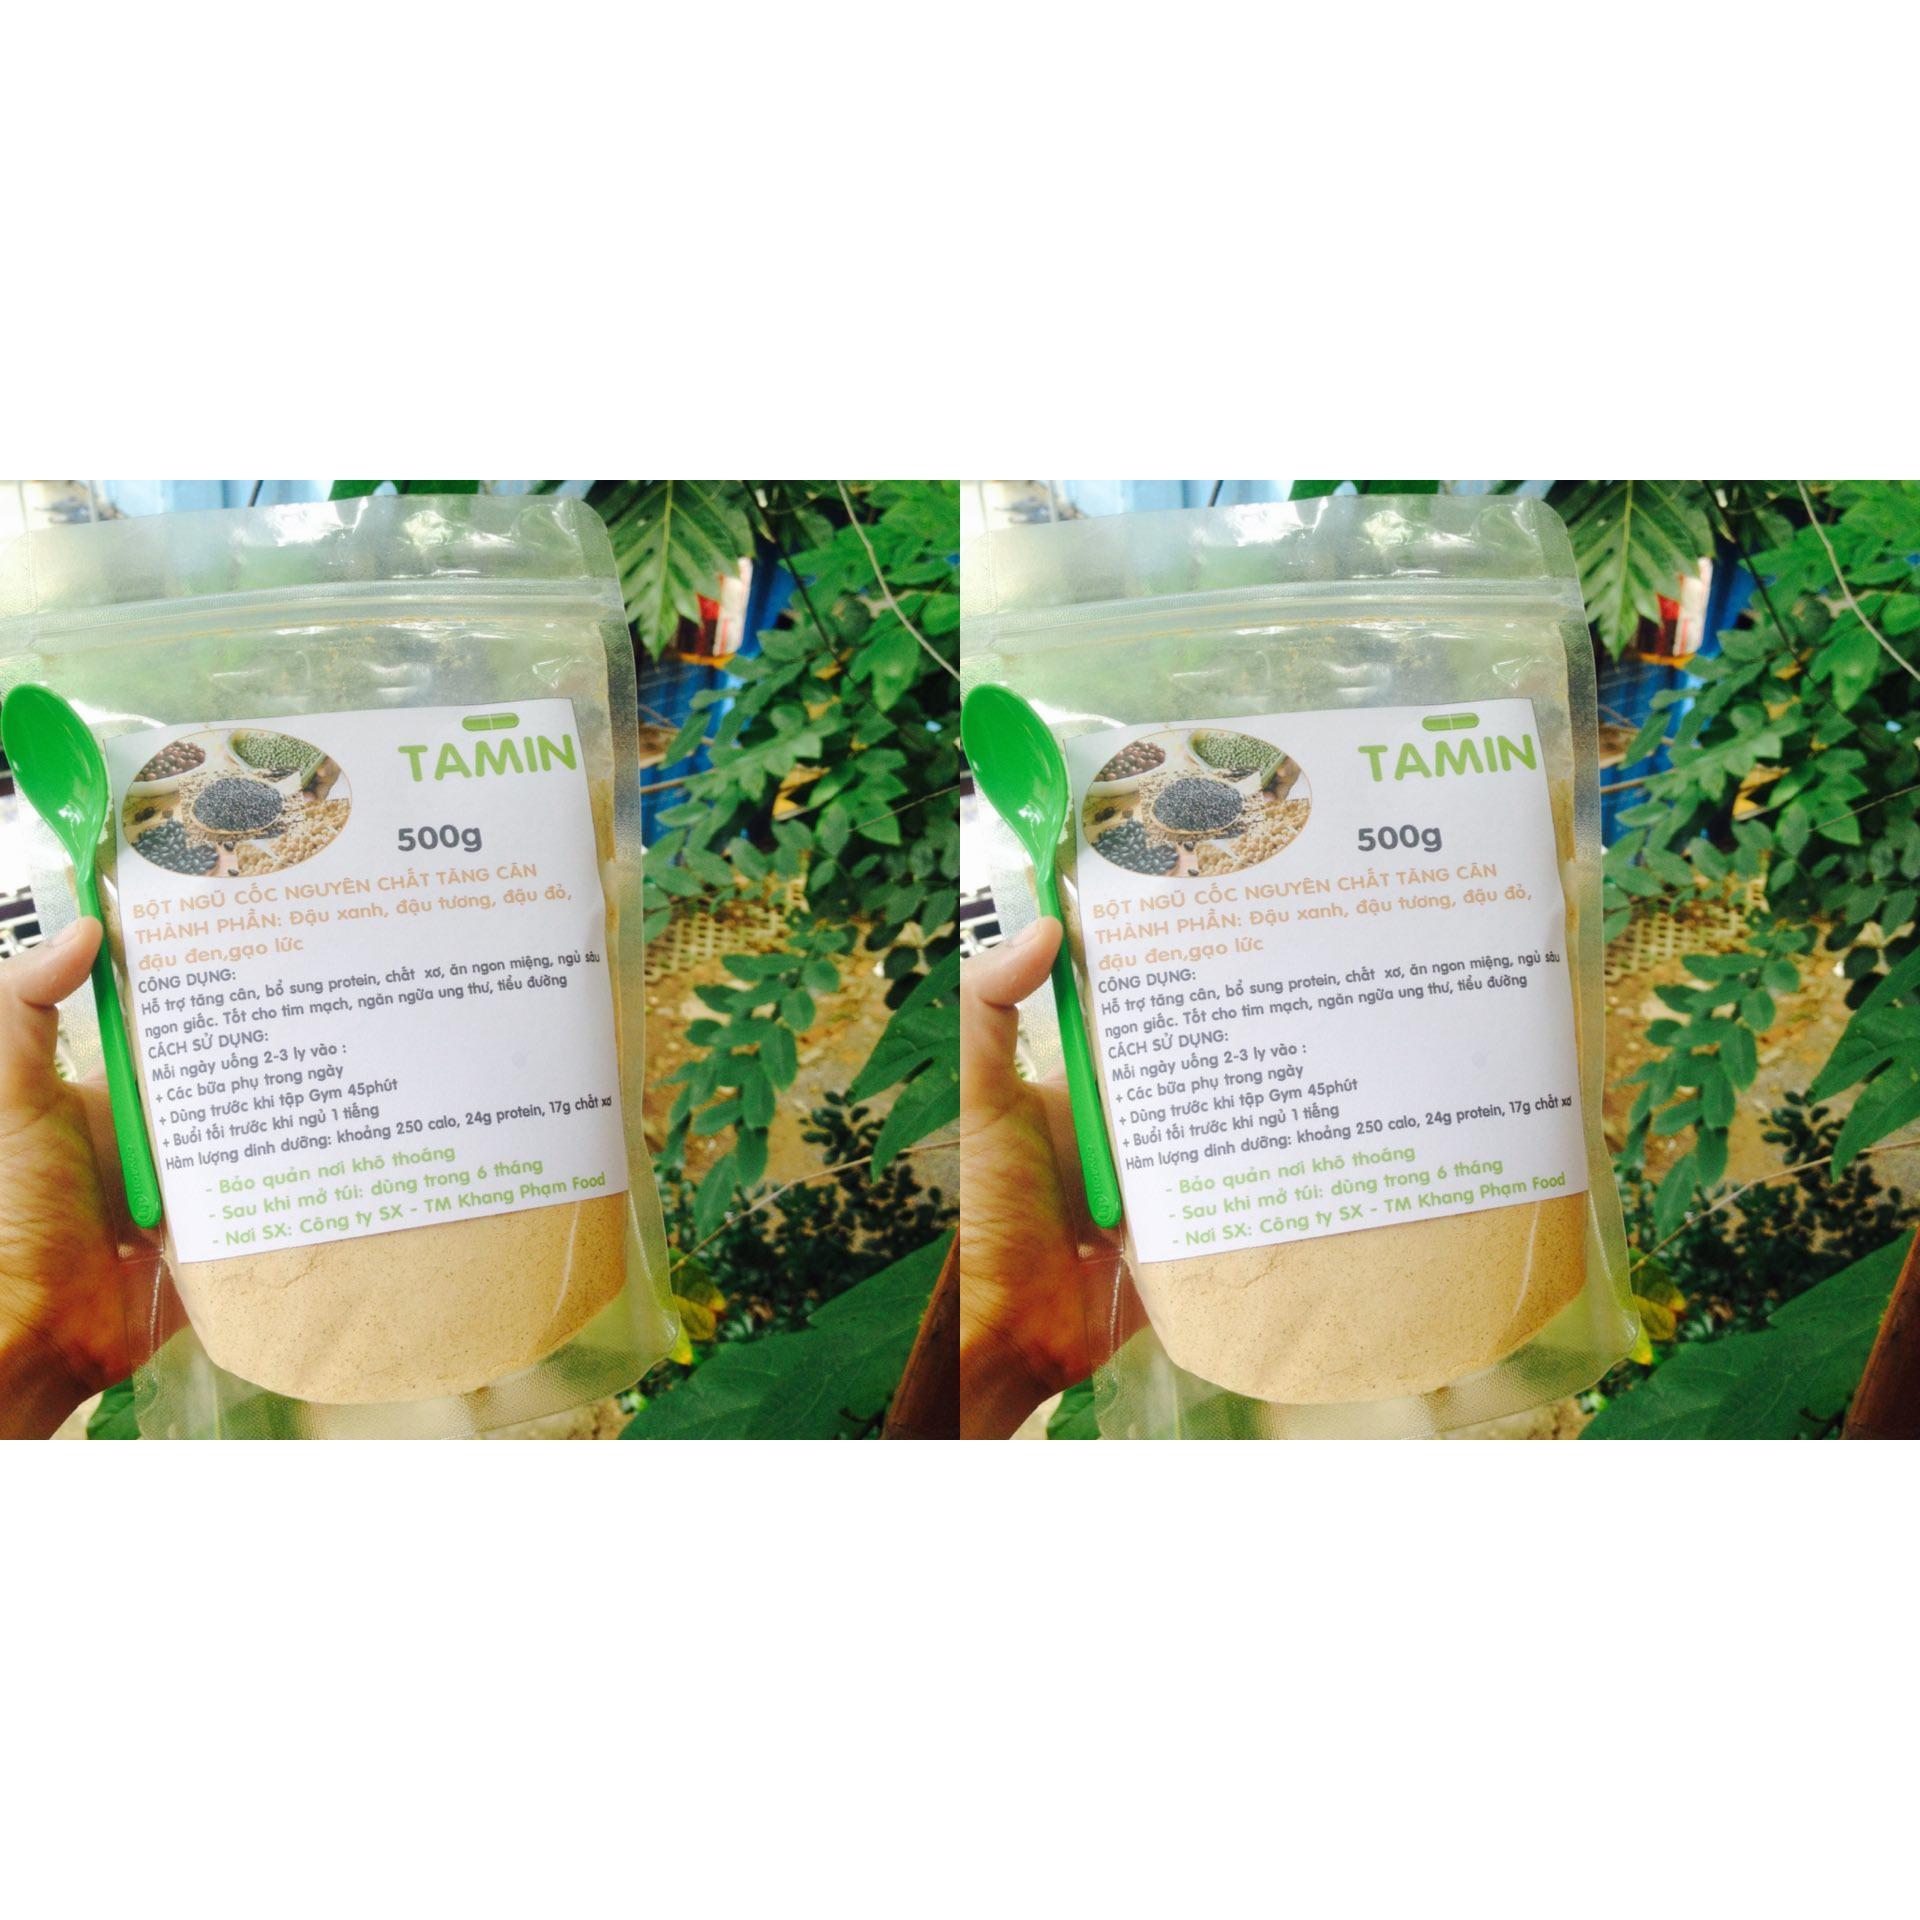 Báo Giá Bột đậu ngũ cốc hỗ trợ tăng cân 1kg TAMIN+ Tặng kèm Muỗng múc Bột Đậu